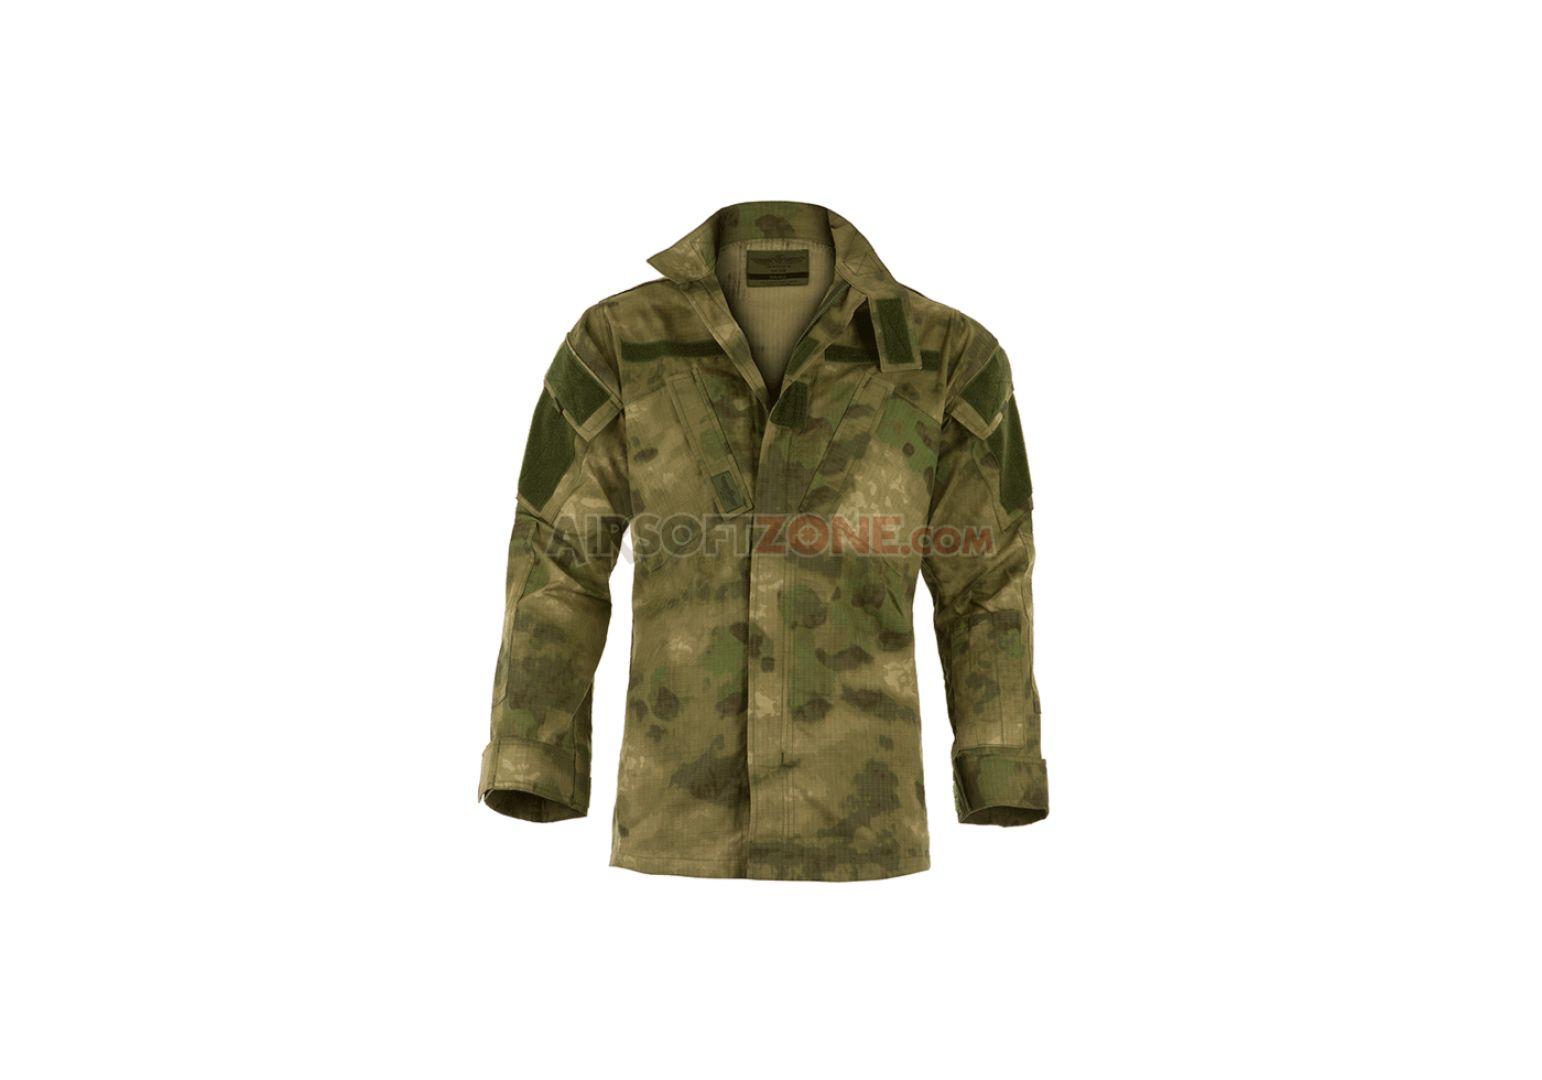 Giacca revenger tdu shirt Everglade A-tacs fg style